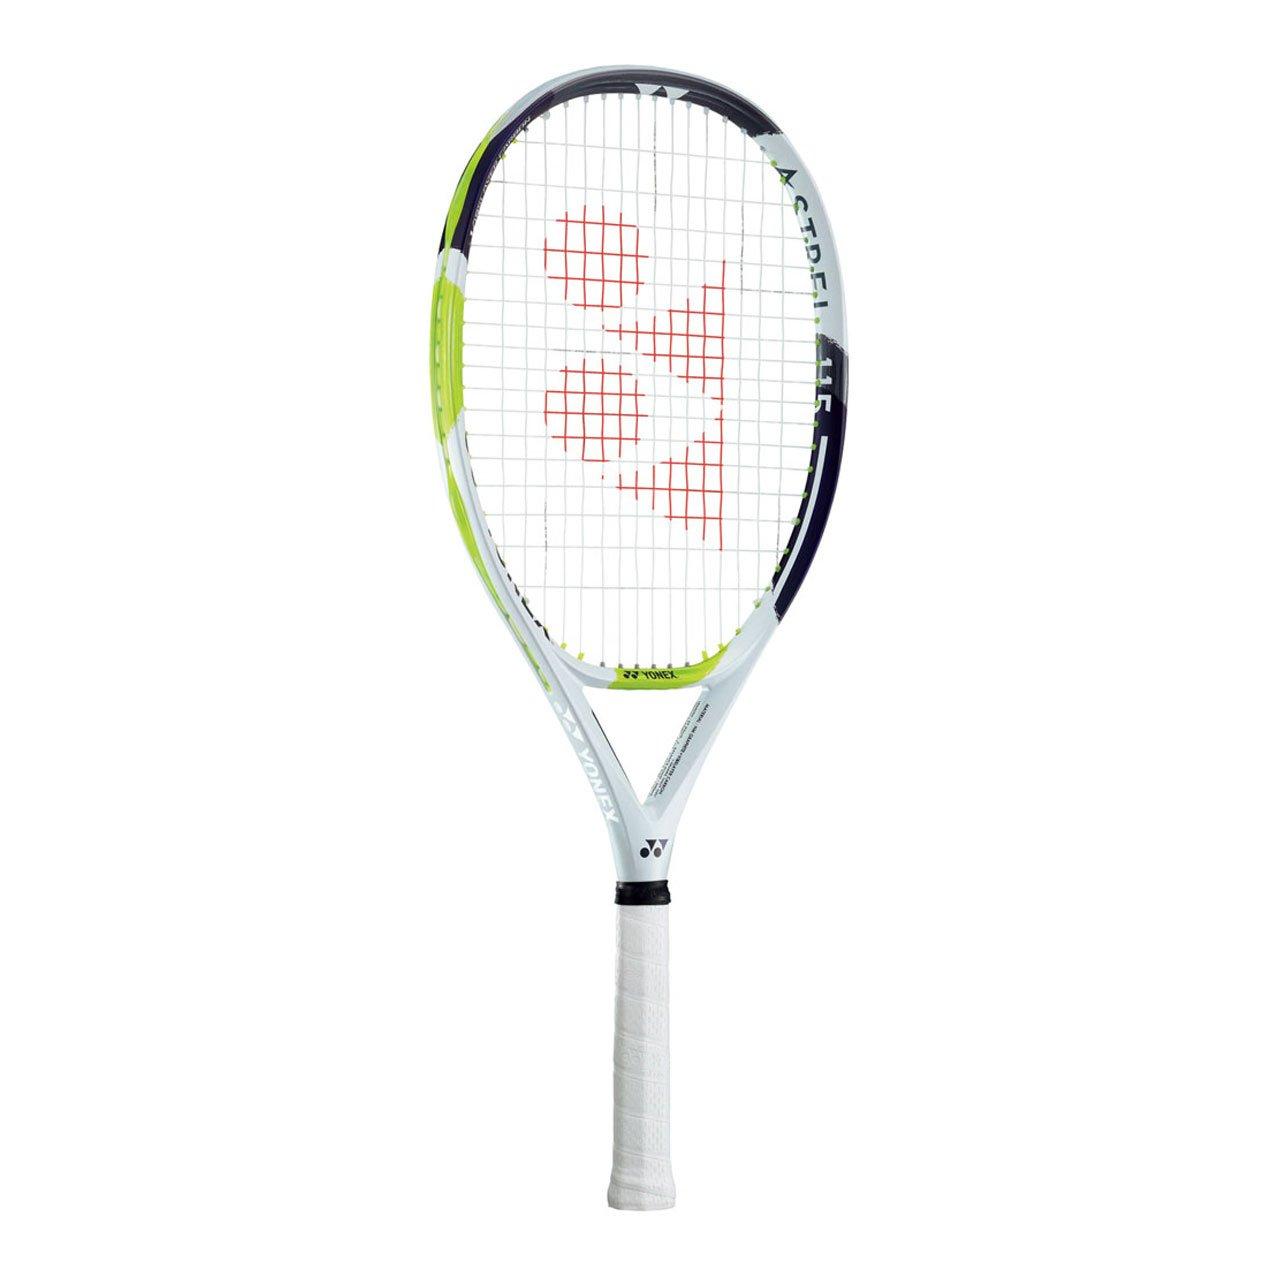 ヨネックス(ヨネックス) アストレル115 AST115-028 テニス 硬式ラケット B072B5HBS1 G1|ライトグリーン ライトグリーン G1